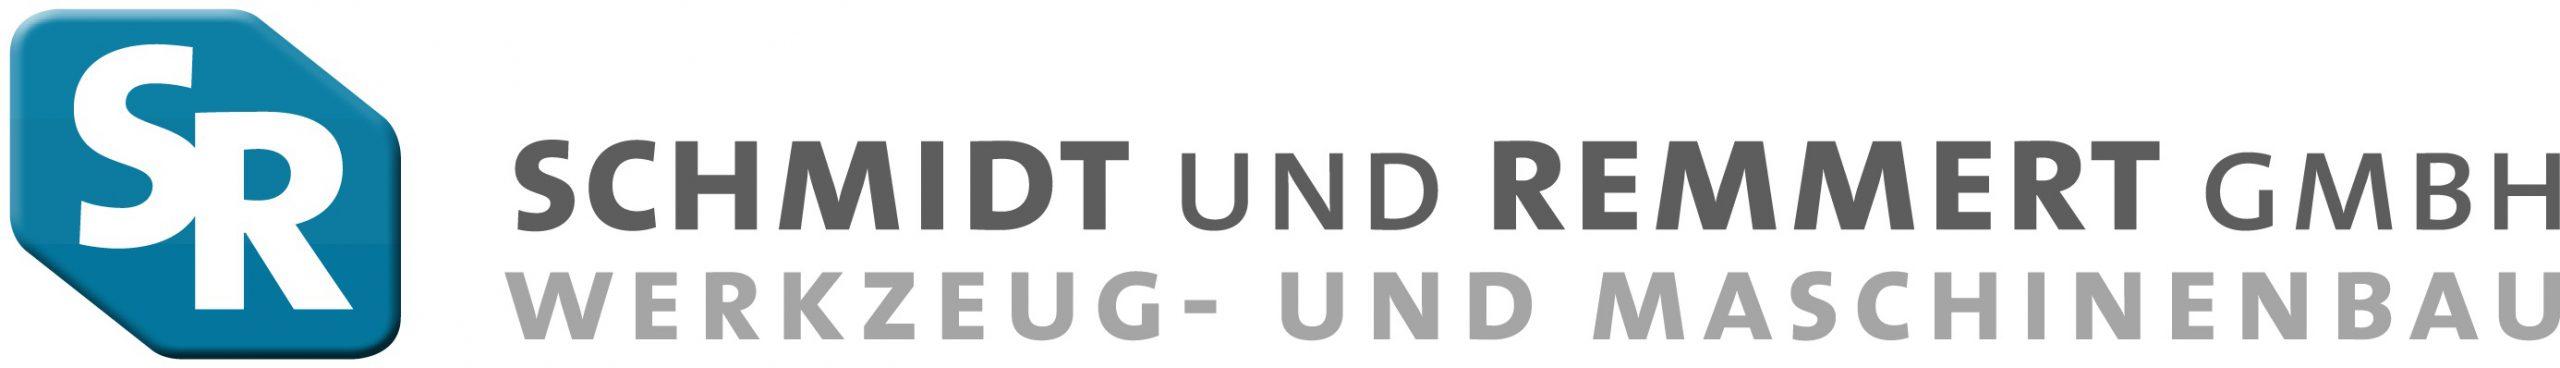 Schmidt und Remmert GmbH